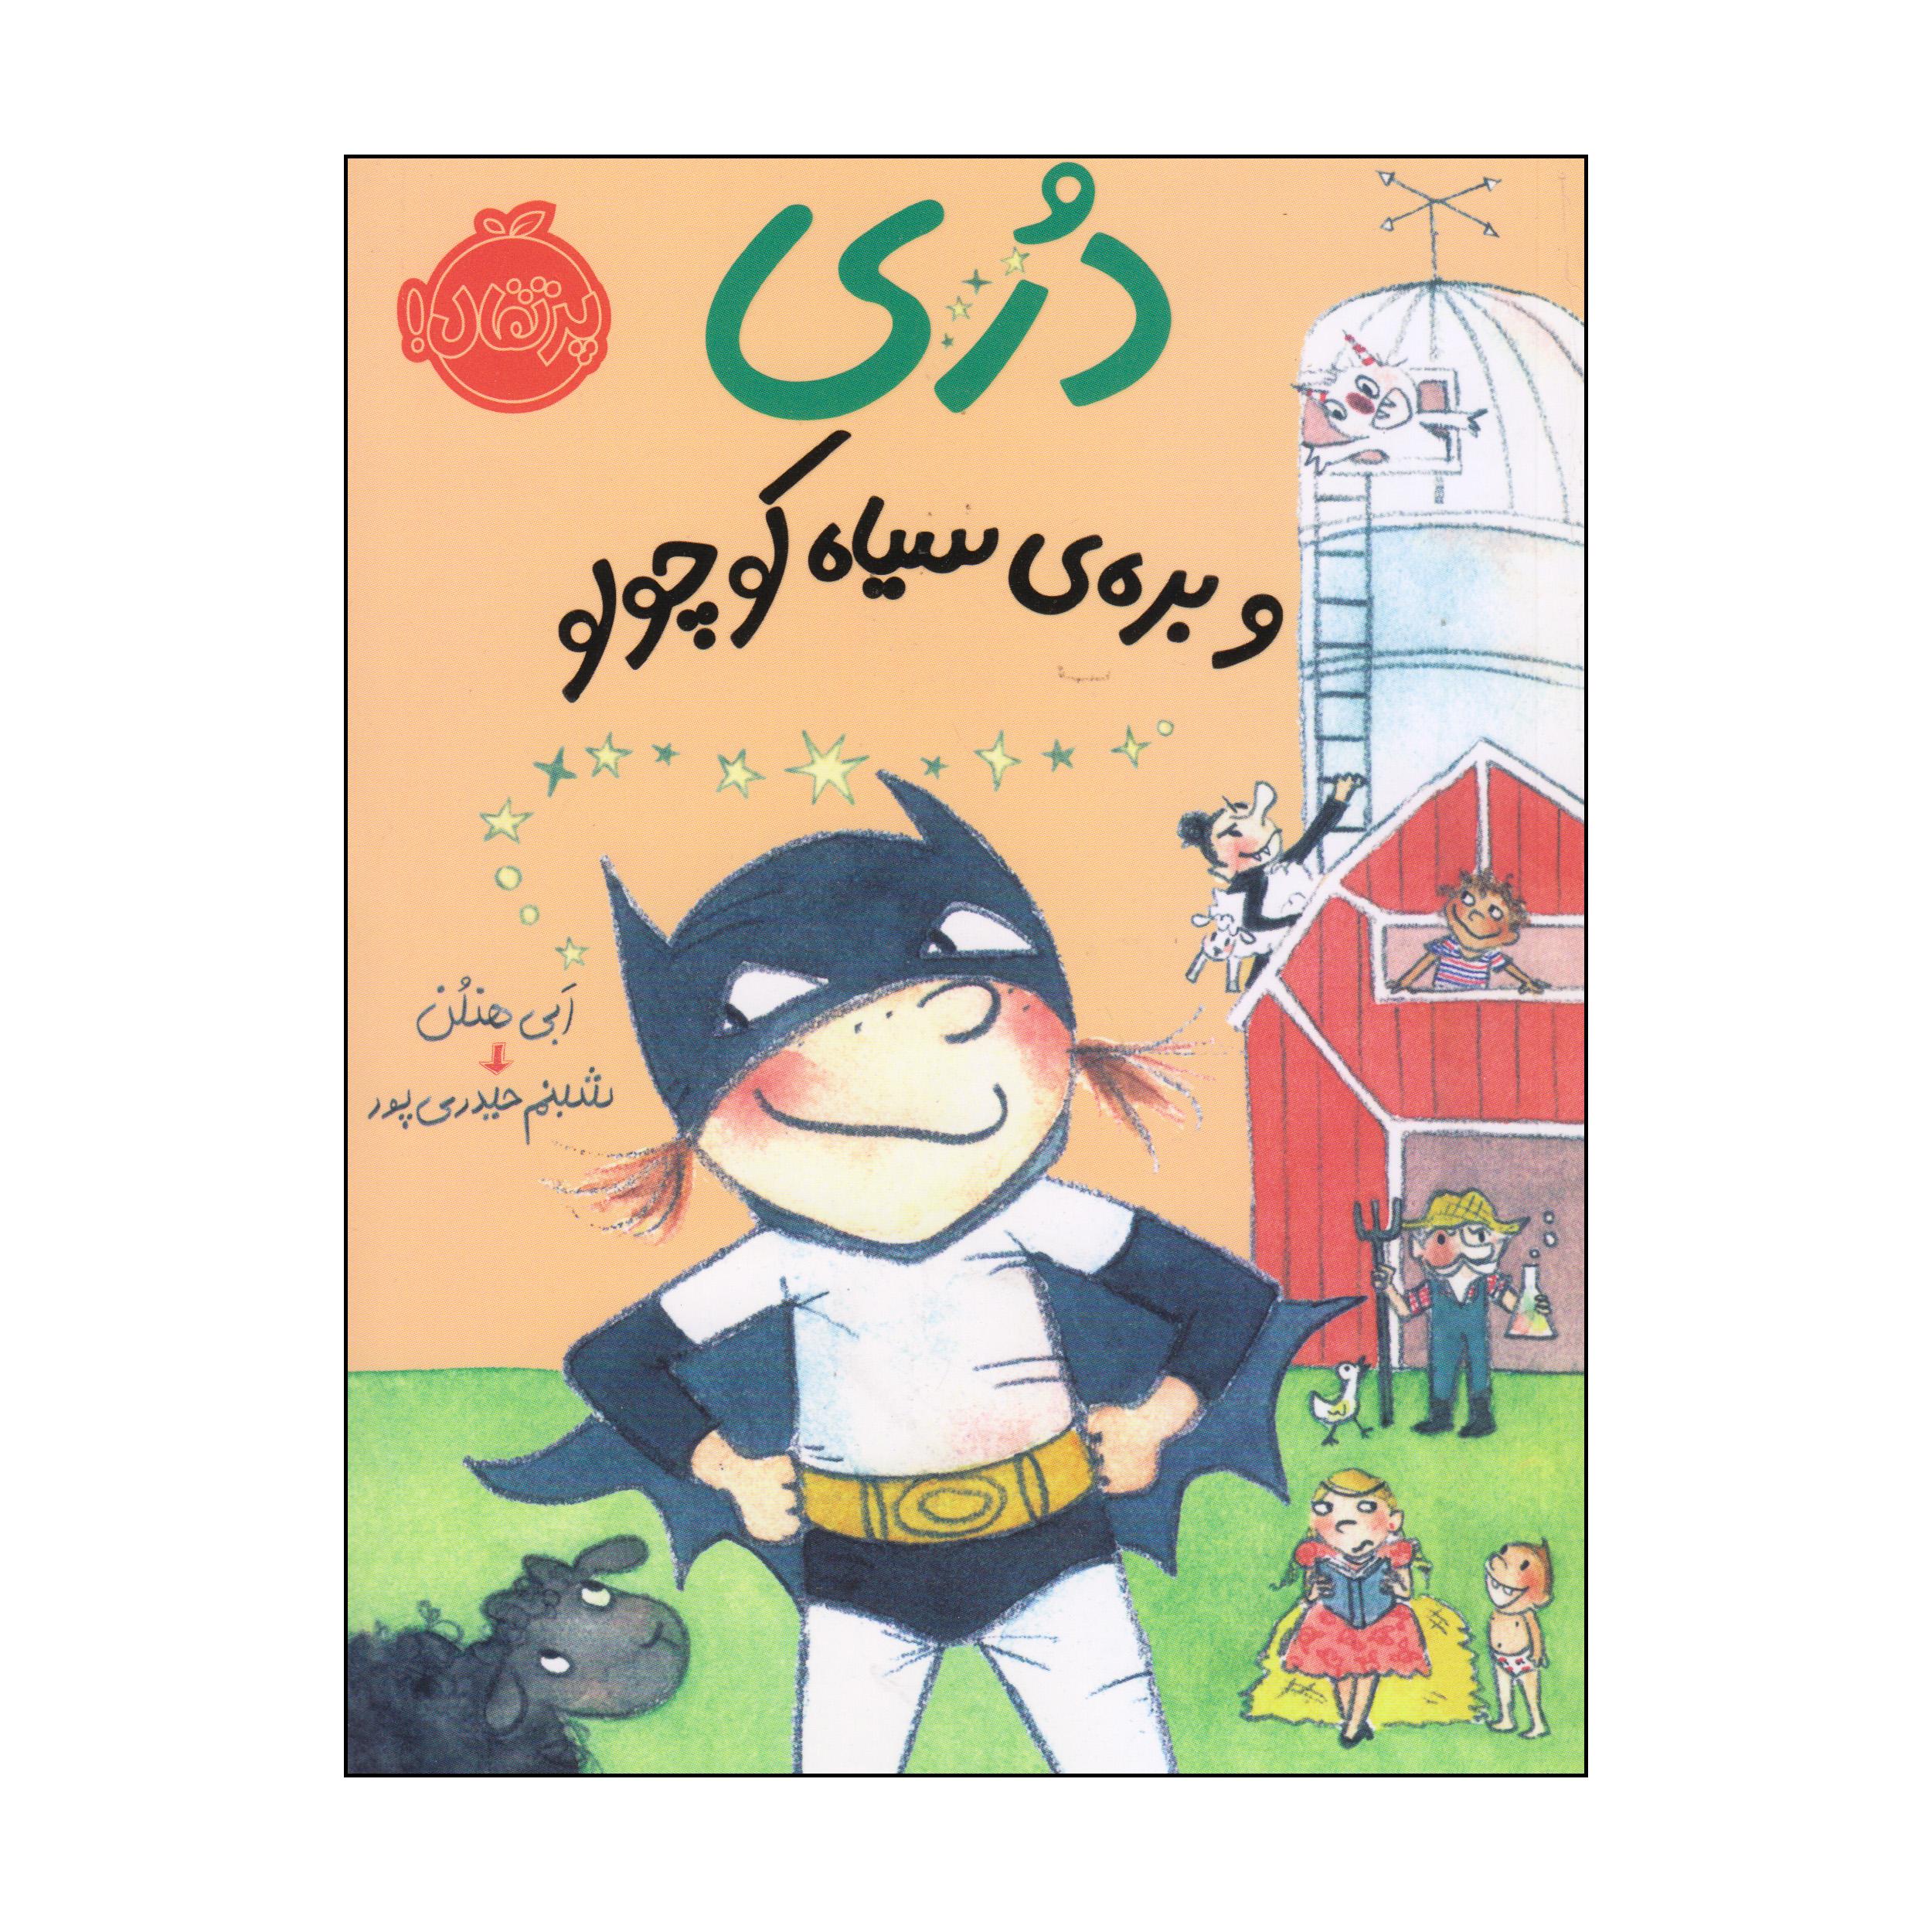 خرید                      کتاب دری و برهی سیاه کوچولو اثر ابی هنلن انتشارات پرتقال